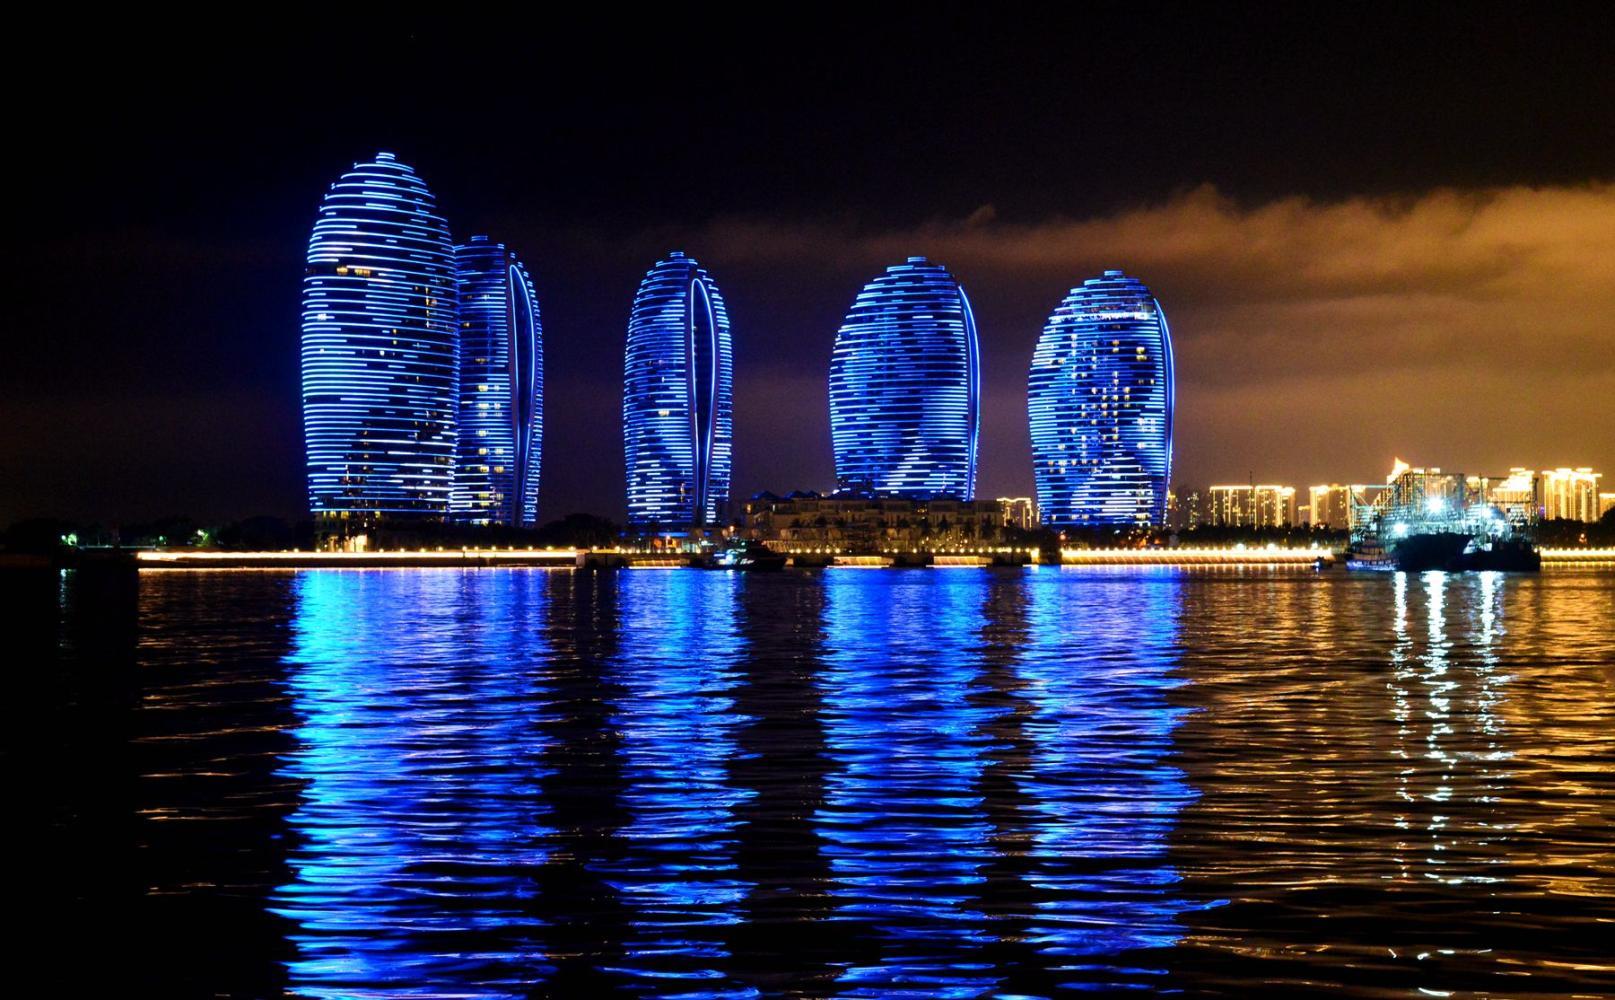 最美_中国十大最美夜景之城,你希望在哪个城市生活?